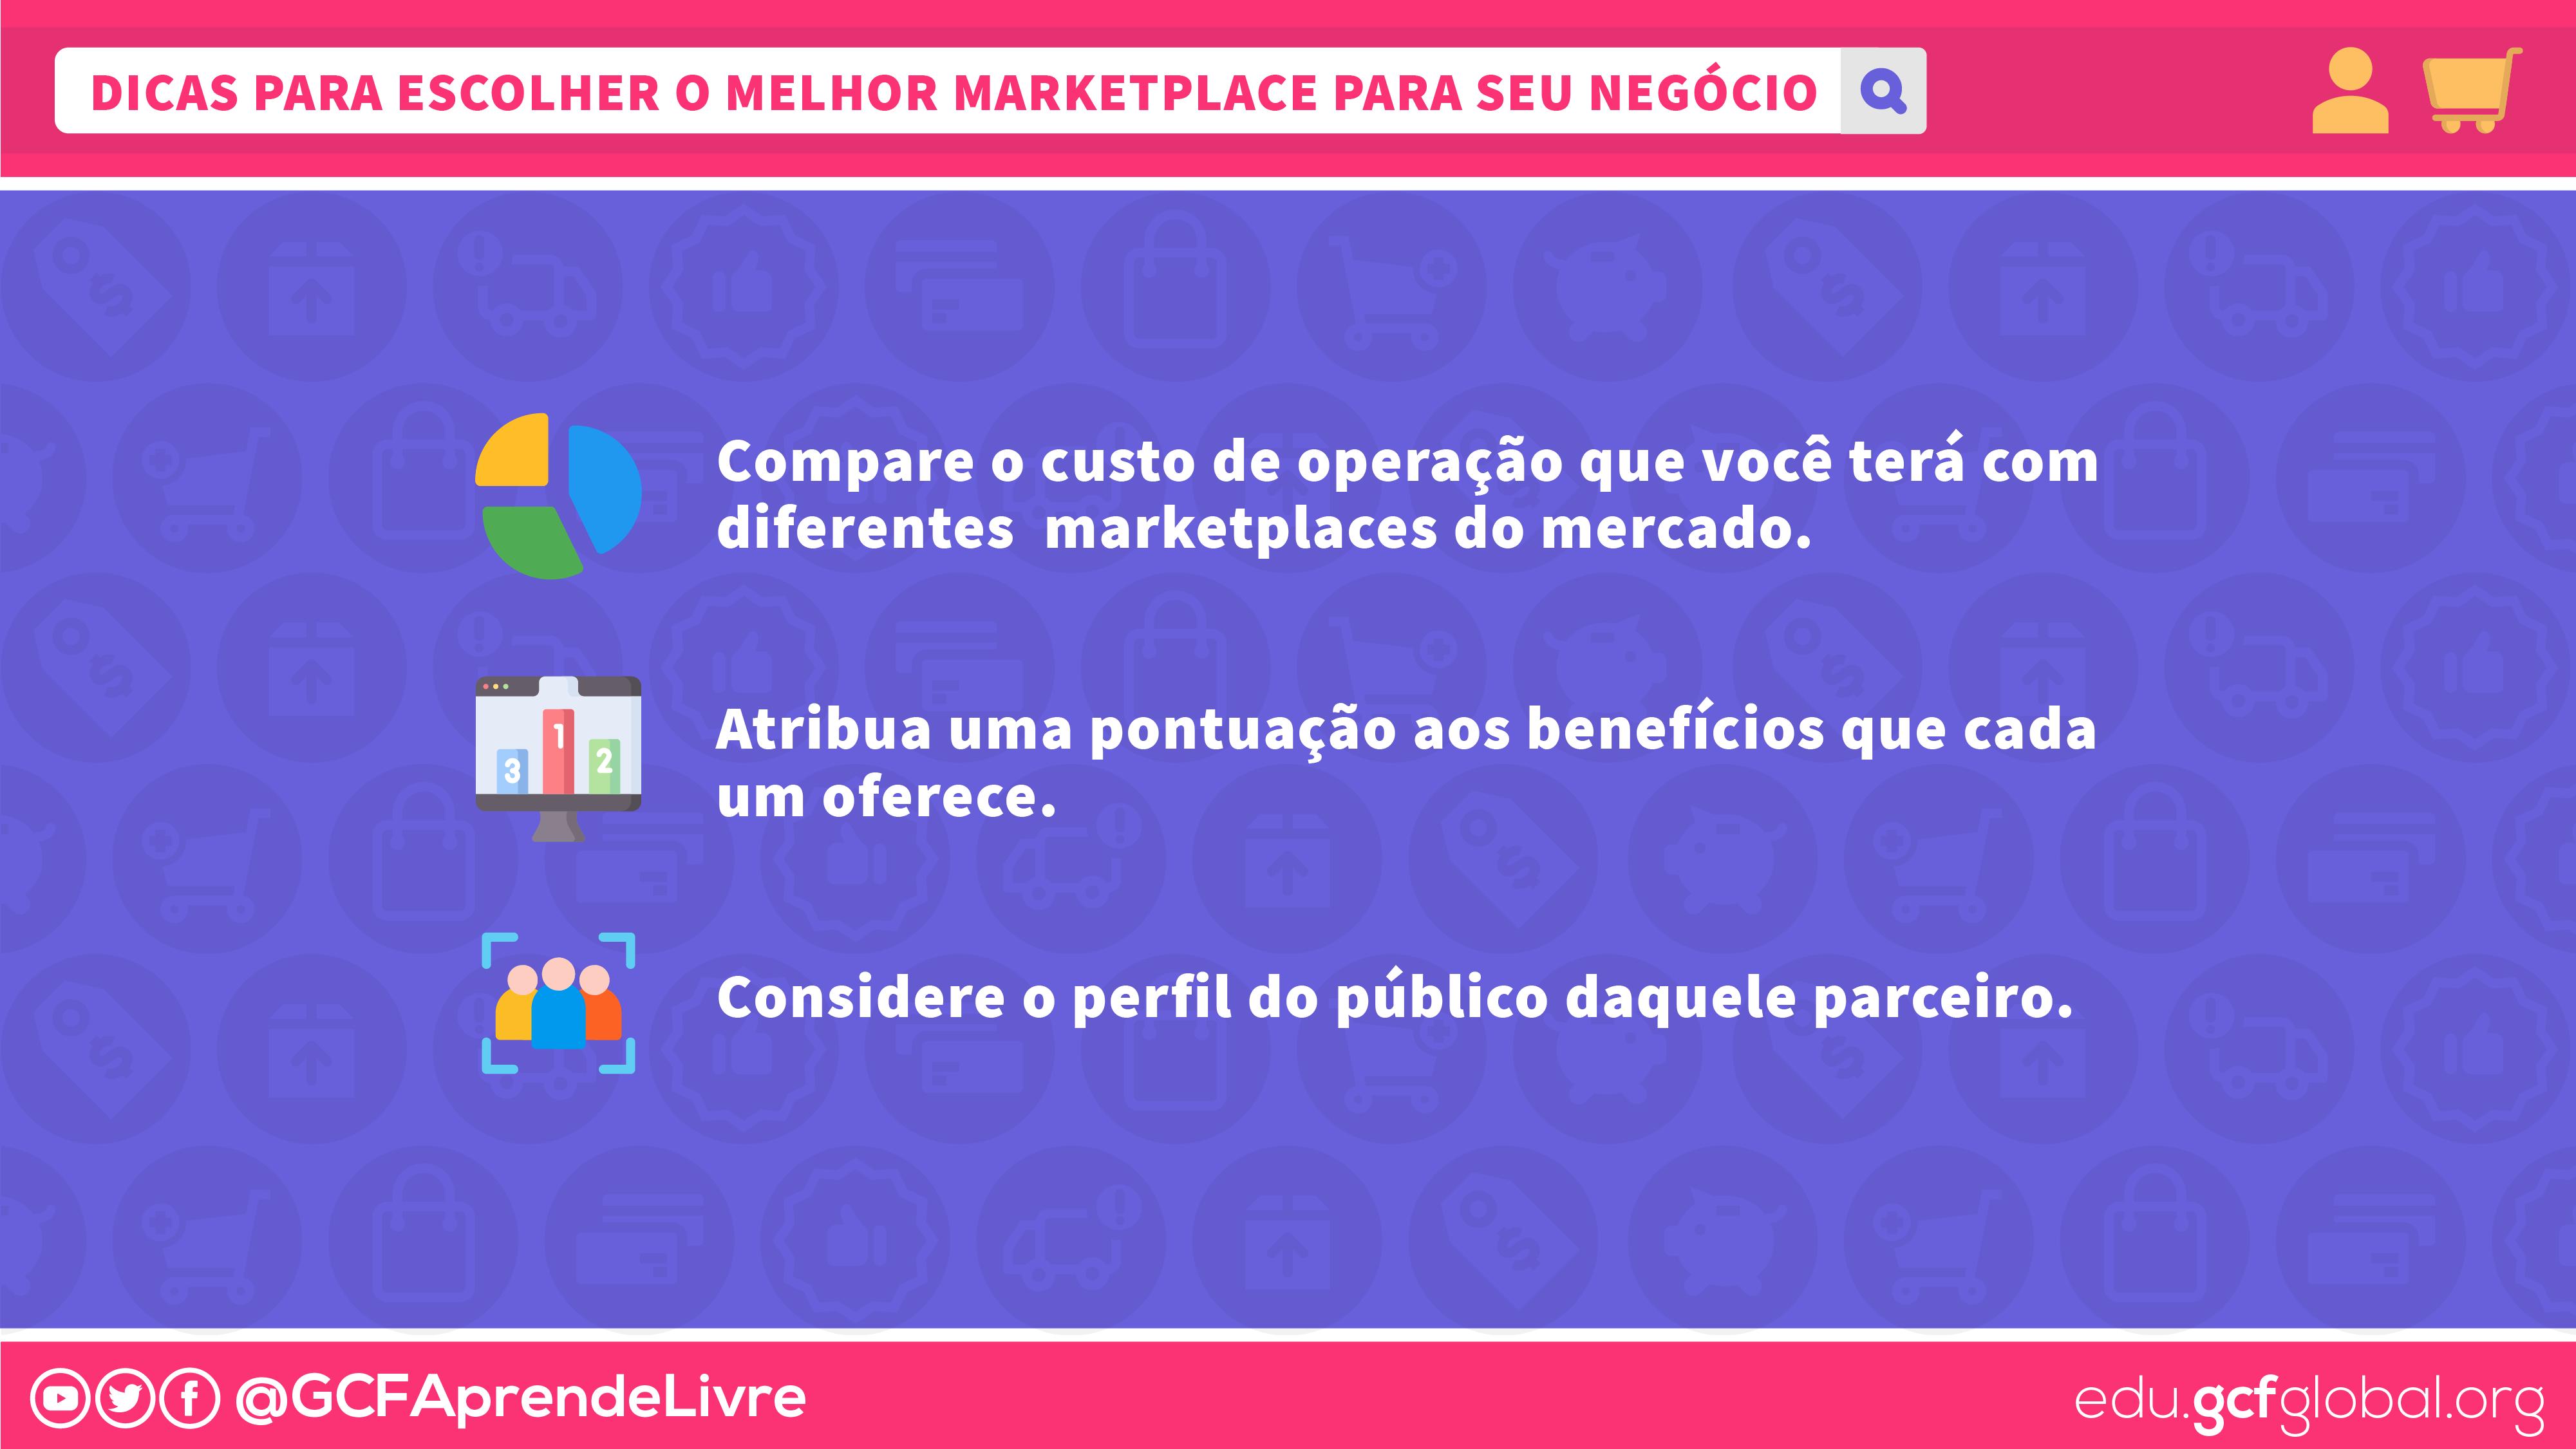 dicas para escolher o melhor marketplace para seu negócio - imagem1